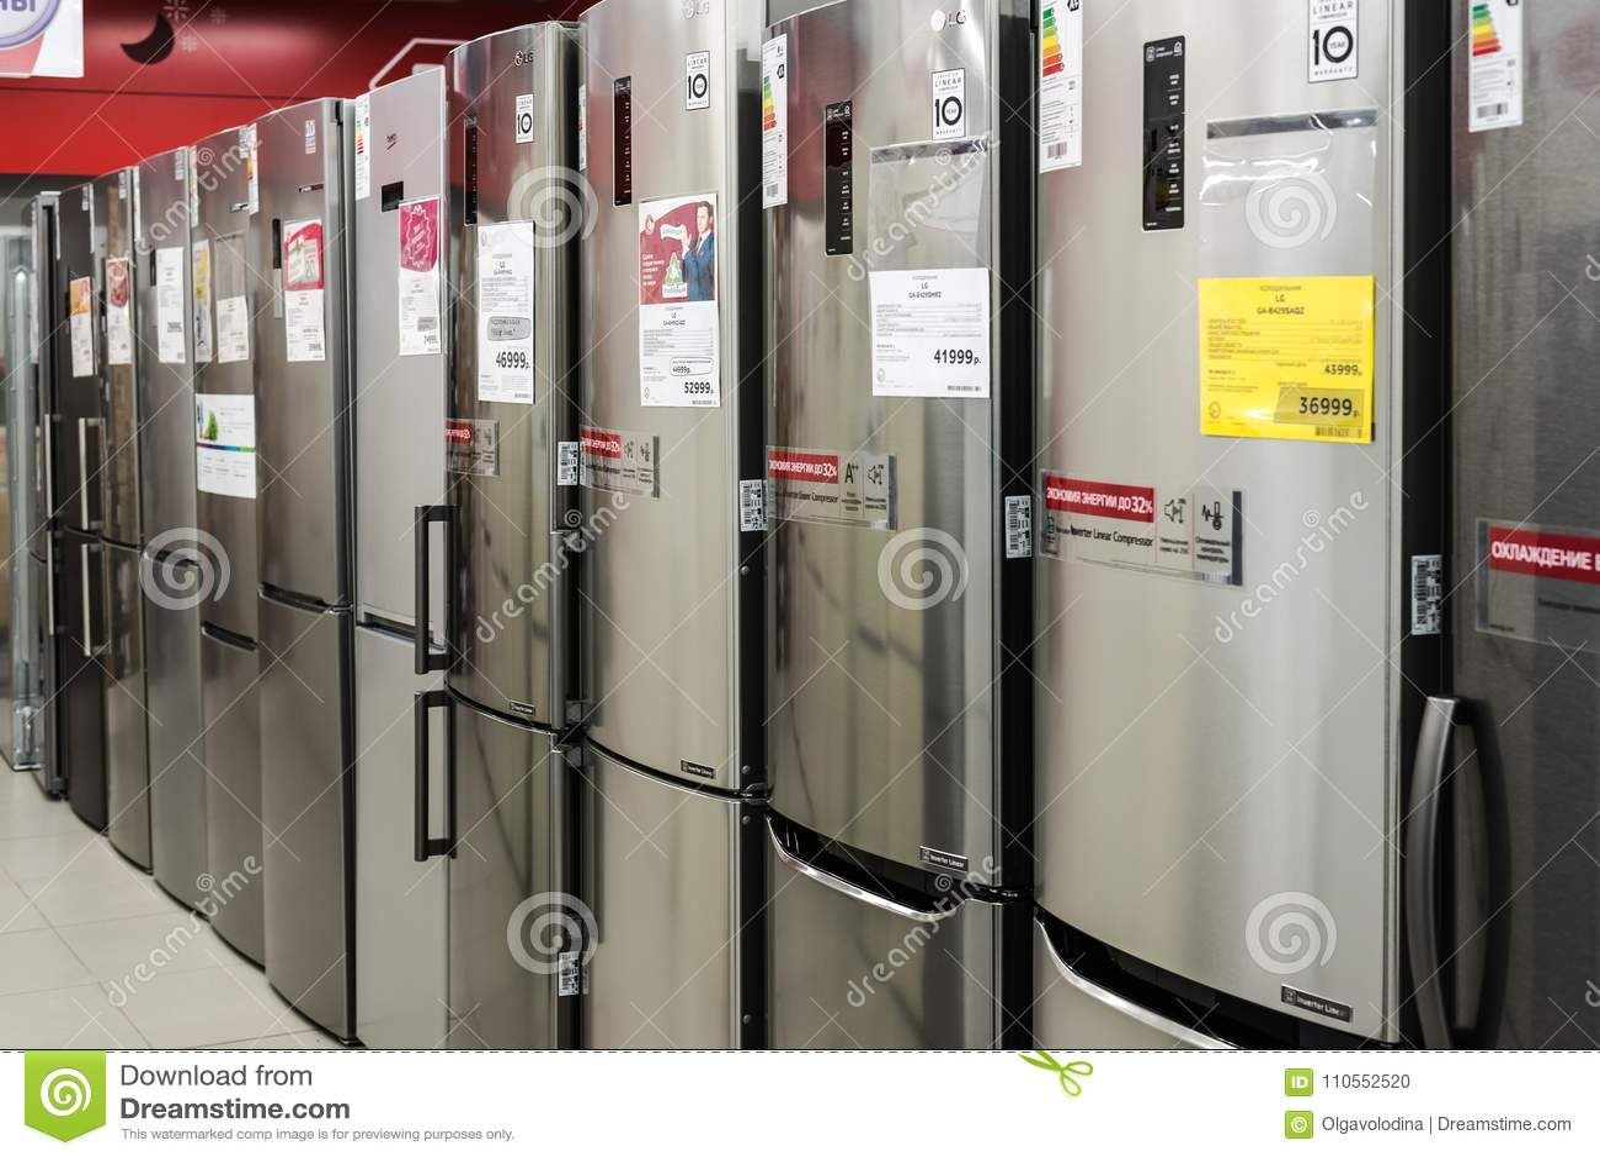 Μόσχα, Ρωσία - 20 Φεβρουαρίου 2018 Γκρίζα ψυγεία Eldorado καταστημάτων ηλεκτρονικής